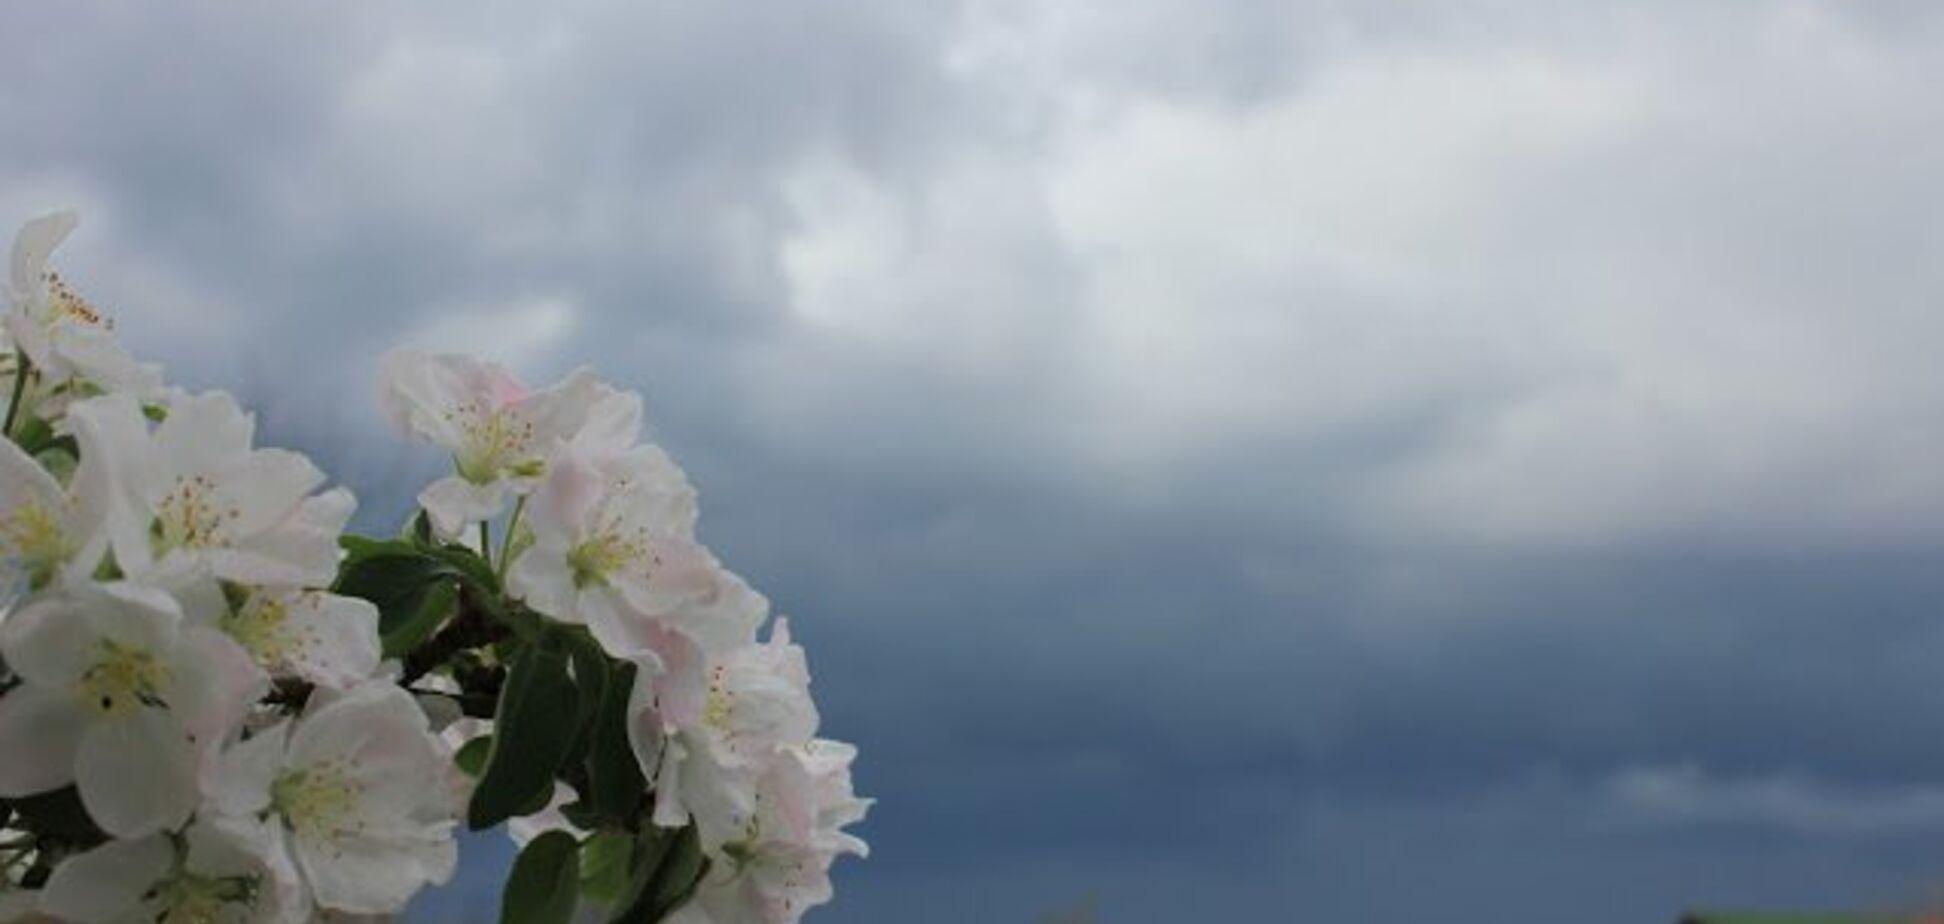 +28 і грози: синоптики дали неоднозначний прогноз погоди по Україні